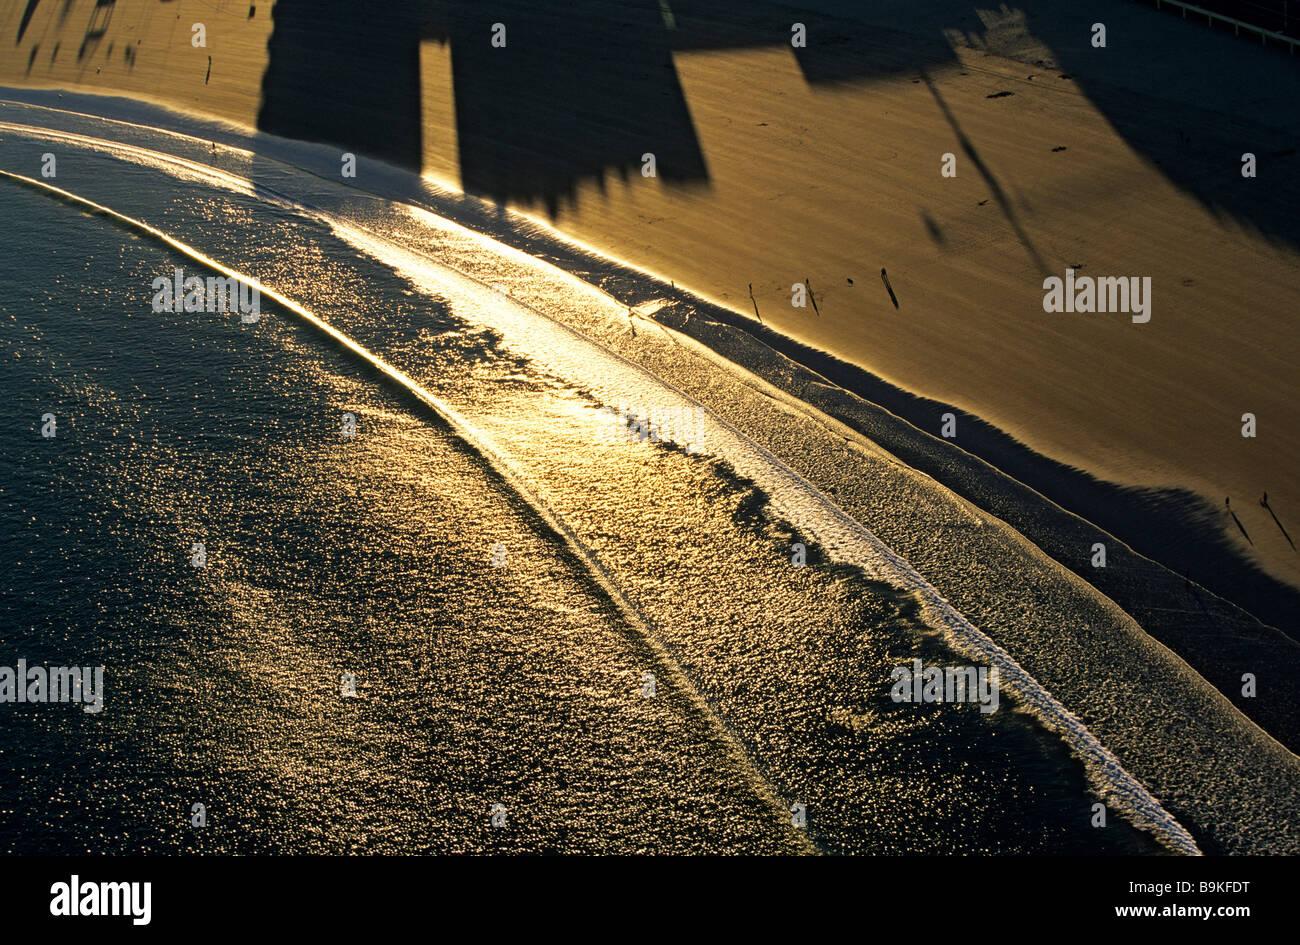 France, Vendee, Les Sables d' Olonne, bord de mer (aerial view) - Stock Image